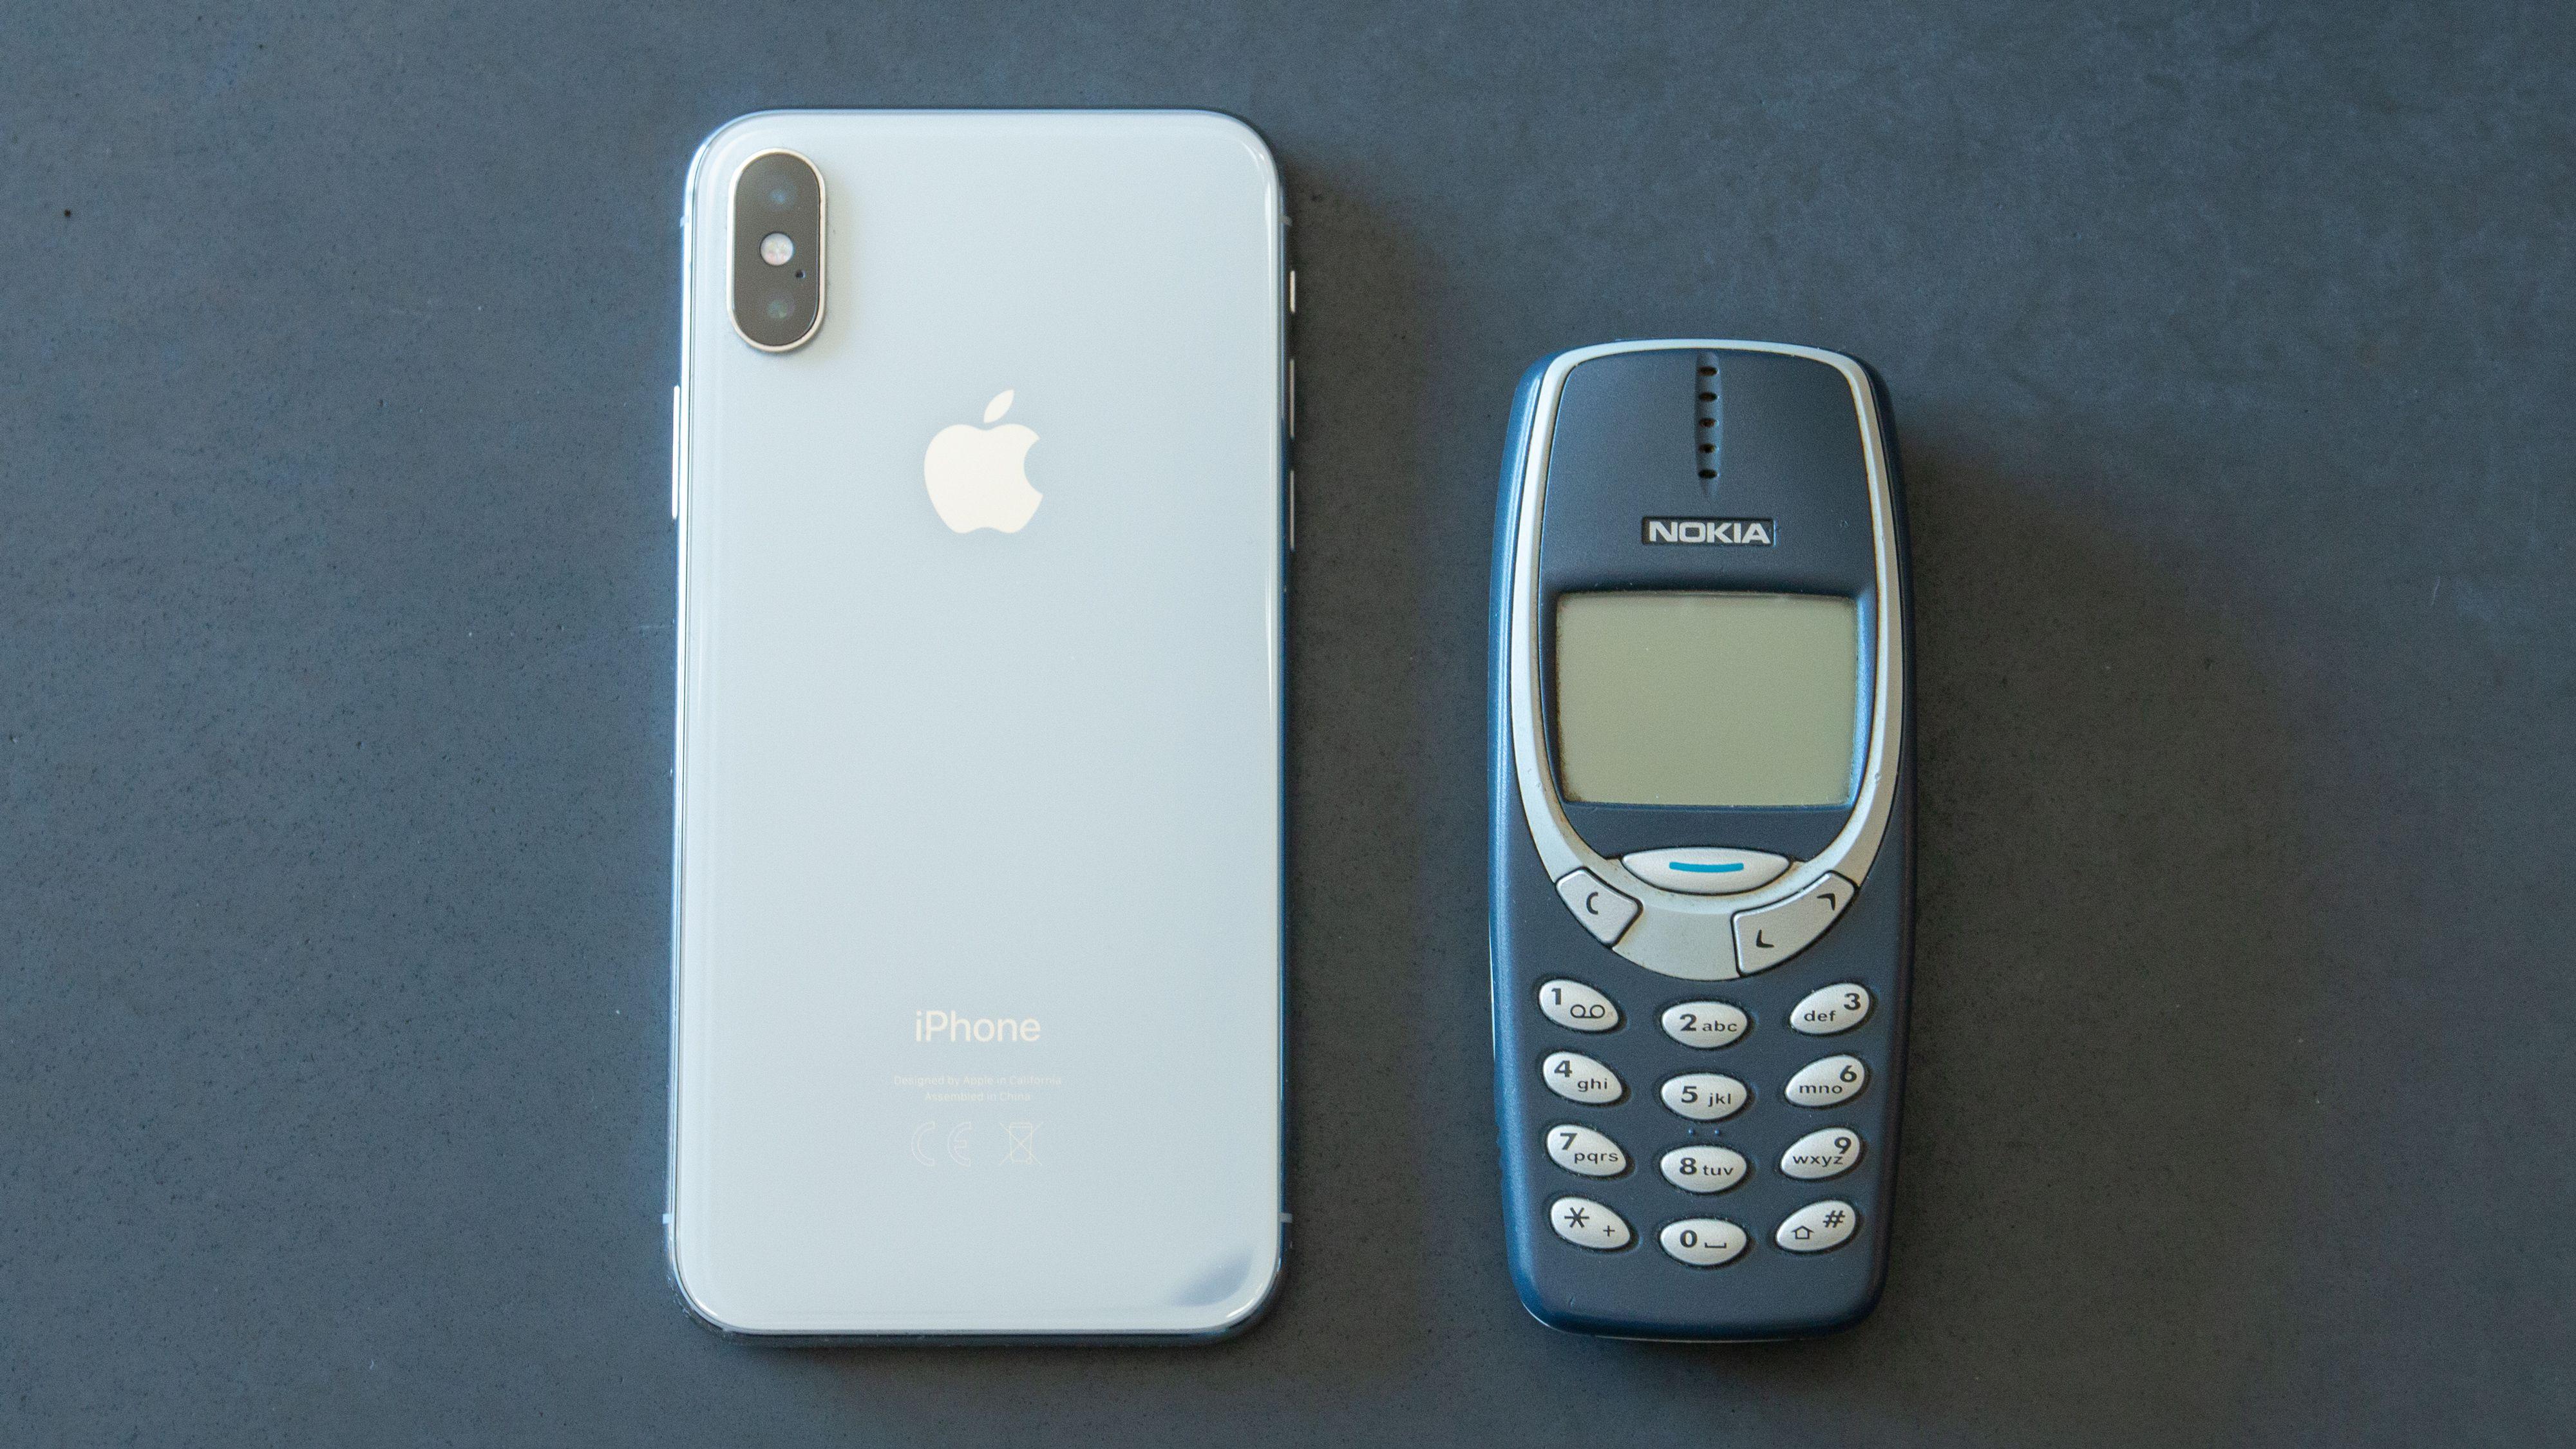 Nokia 3310 ved siden av en iPhone X.